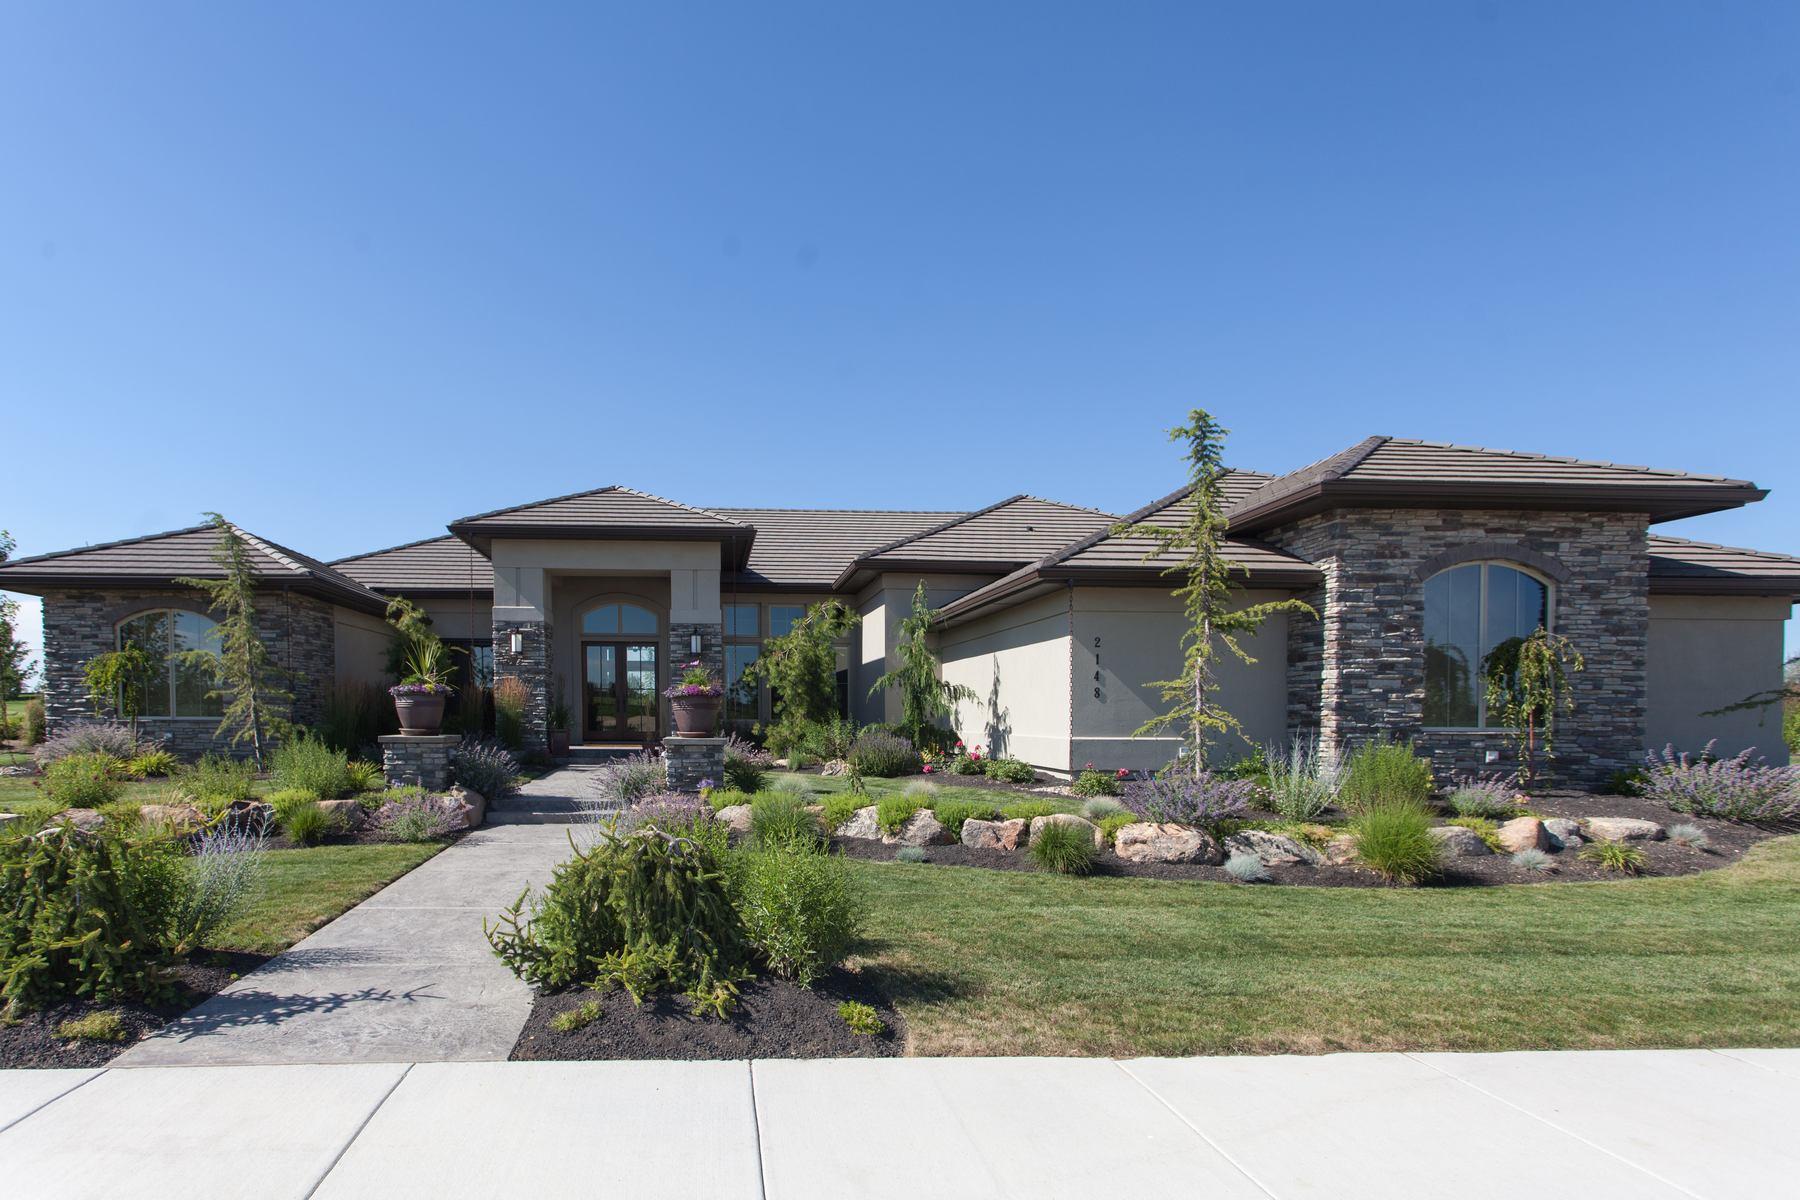 Maison unifamiliale pour l Vente à 2148 Three Lakes Drive, Meridian 2148 W Three Lakes Dr Meridian, Idaho, 83646 États-Unis